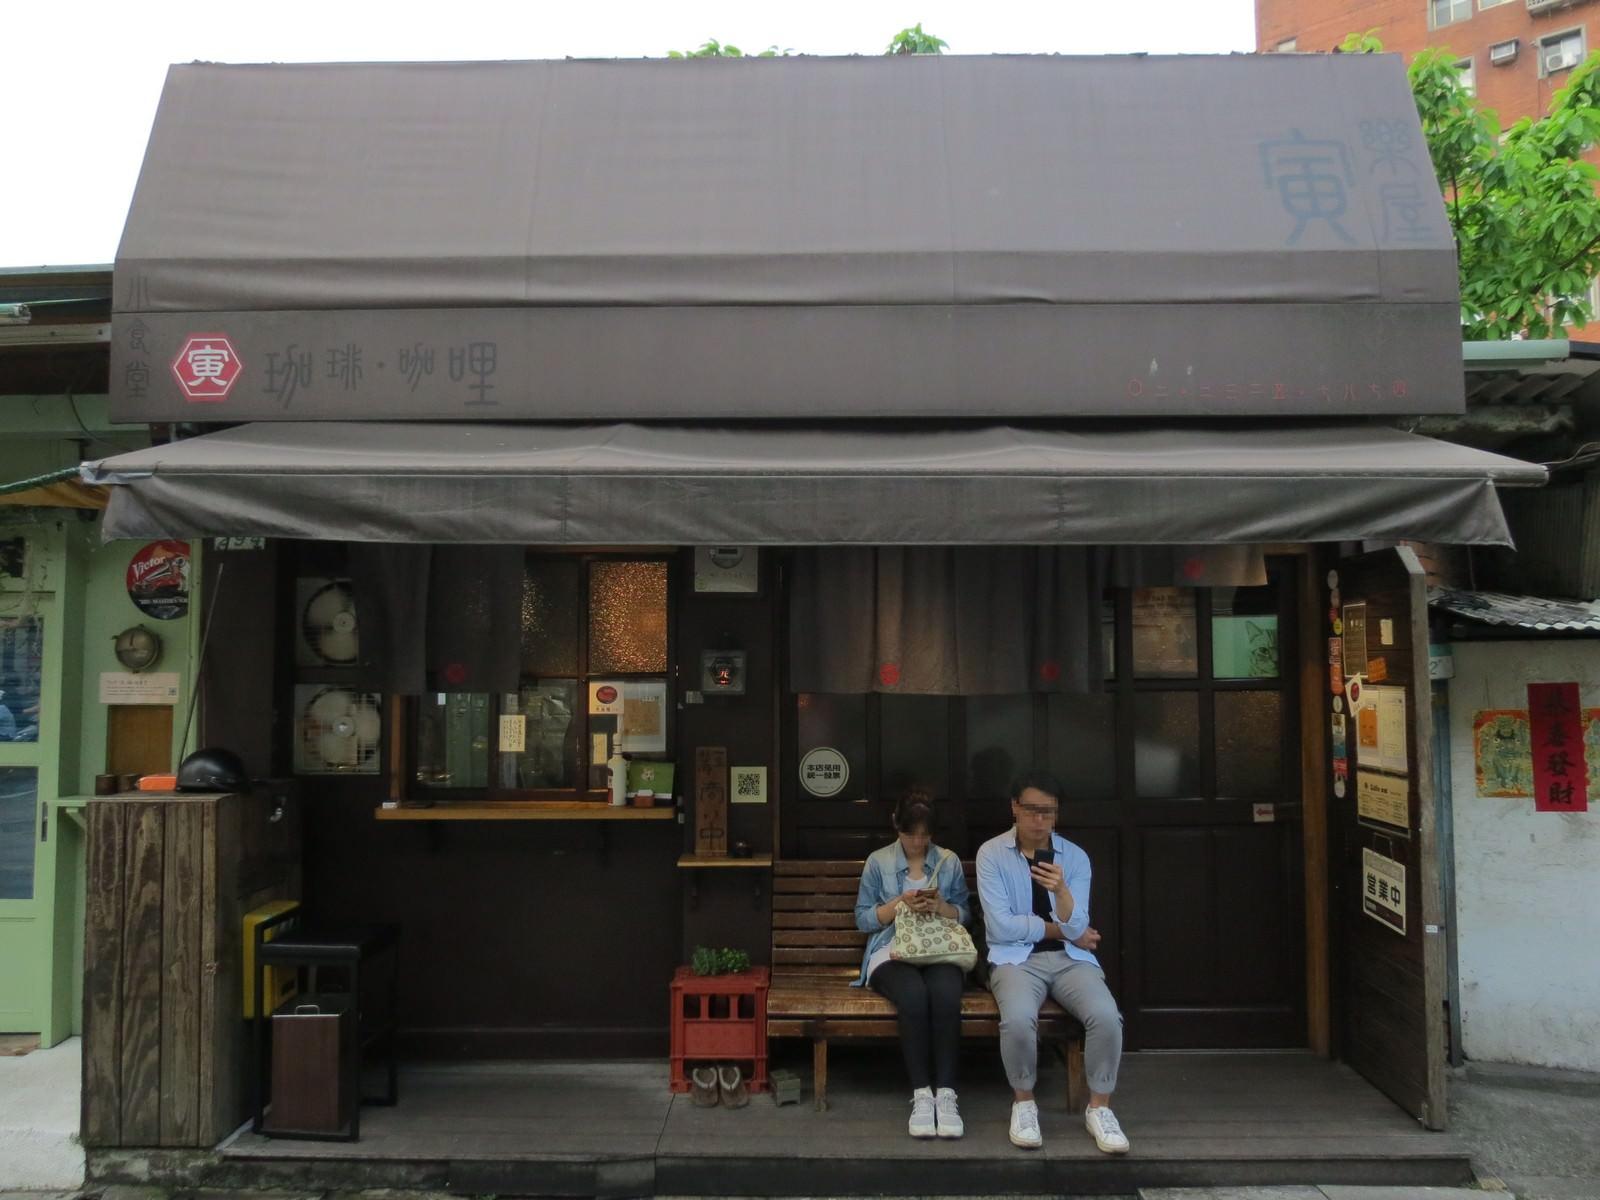 寅樂屋咖啡咖哩小食堂, 店面